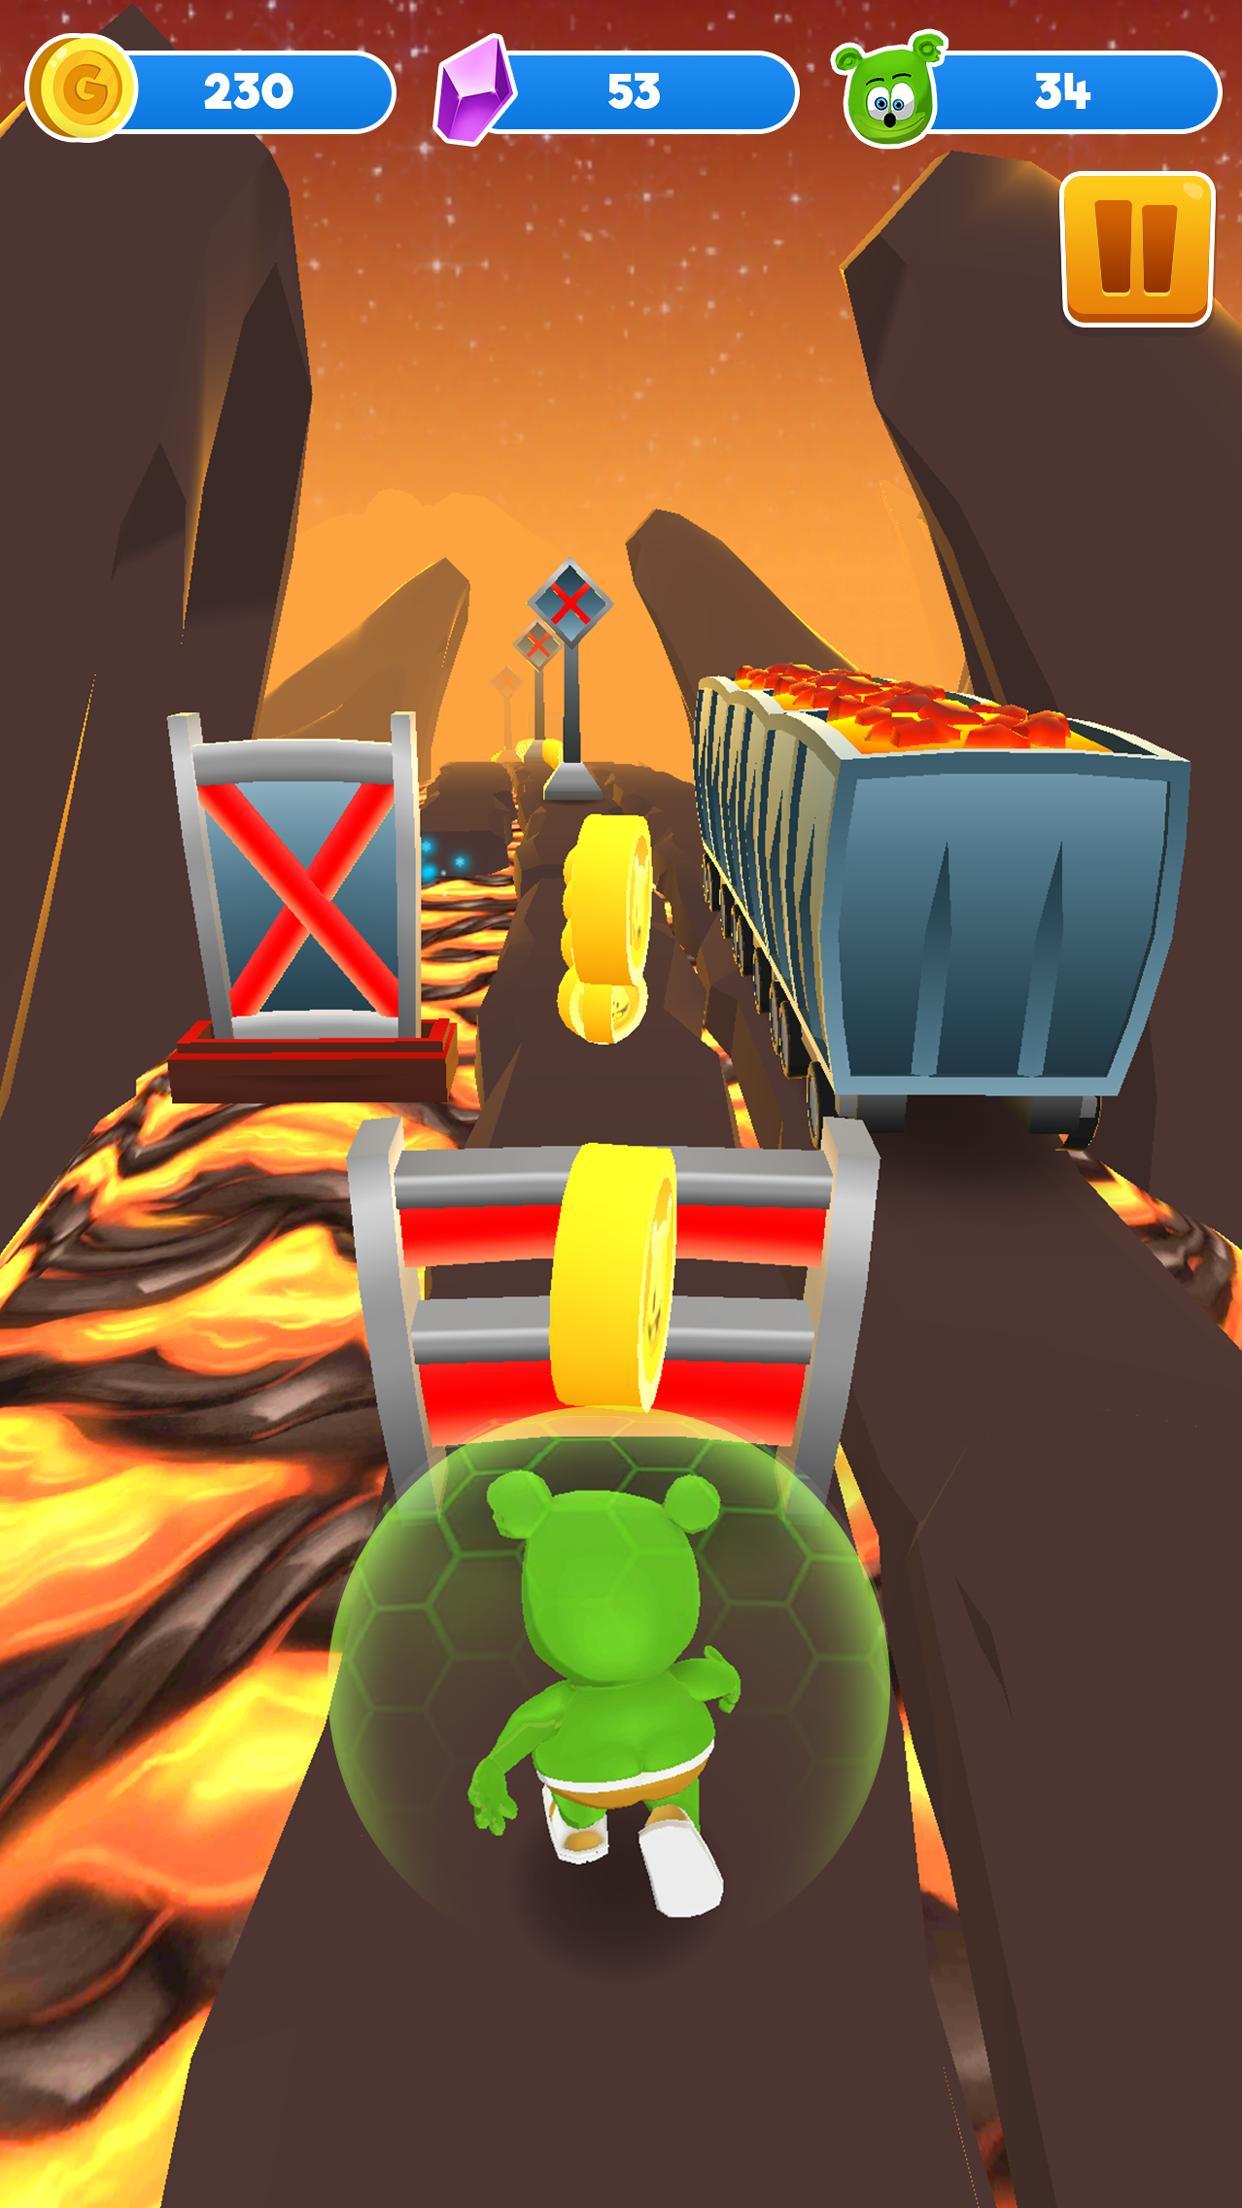 Gummy Bear Running - Endless Runner 2020 1.2.10 Screenshot 14